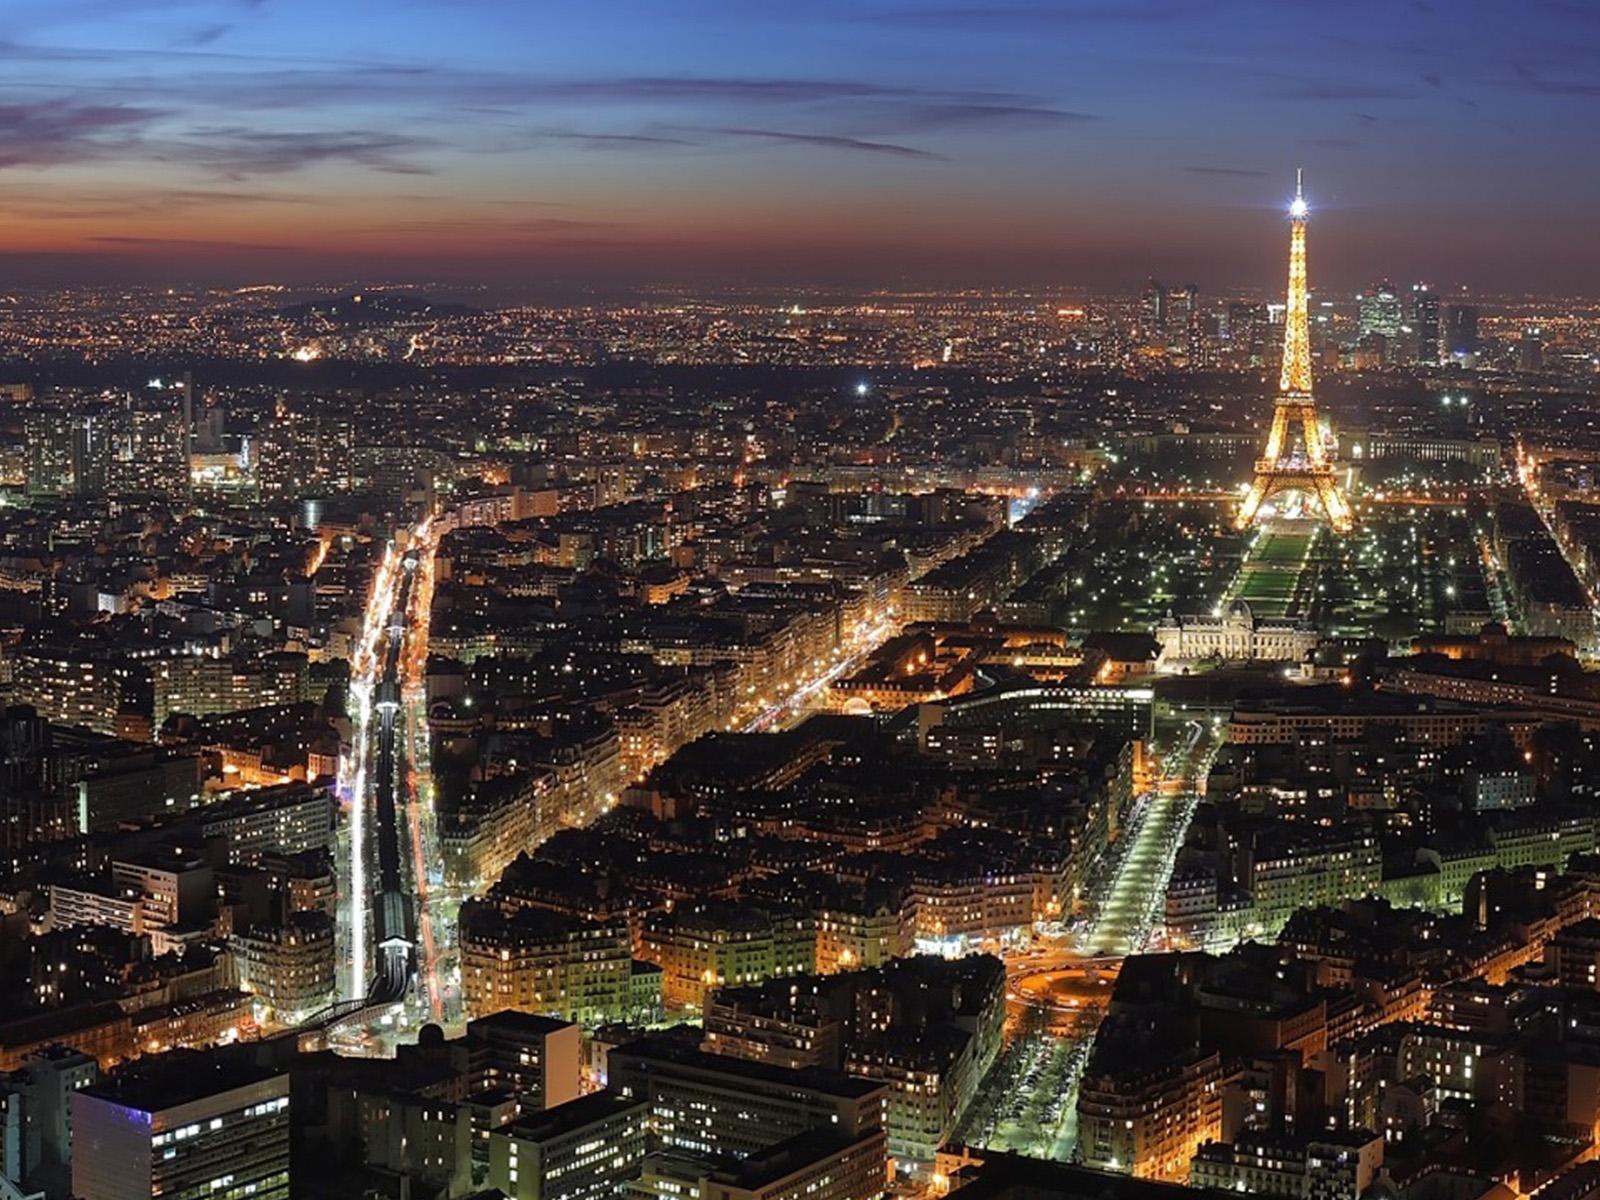 Paris At Night Wallpaper 16001200 131389 HD Wallpaper Res 1600x1200